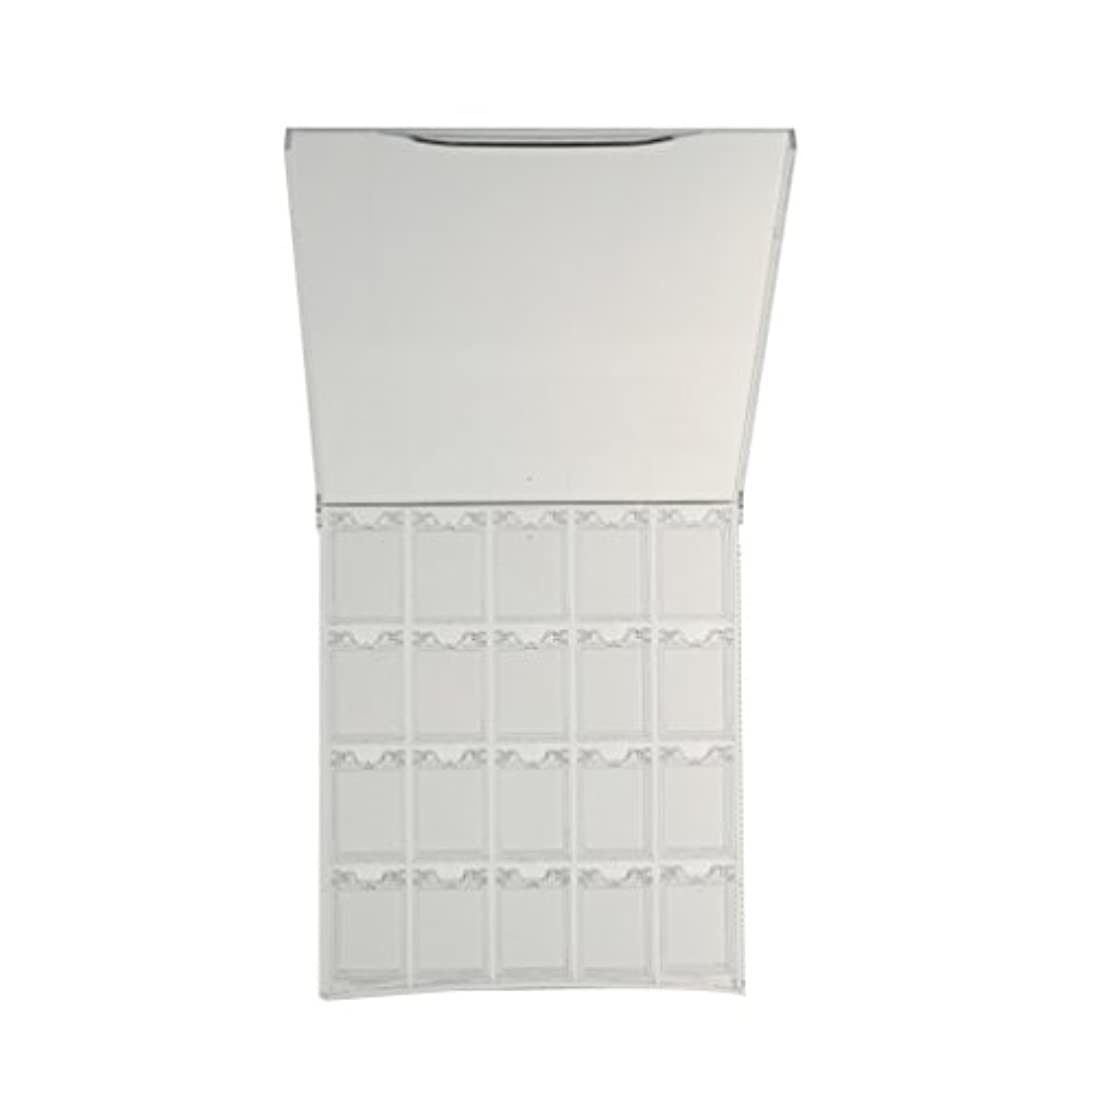 CUTICATE 空のプラスチック製のネイルアートケースグリッターパウダーディスプレイボックス容器ホルダーケース